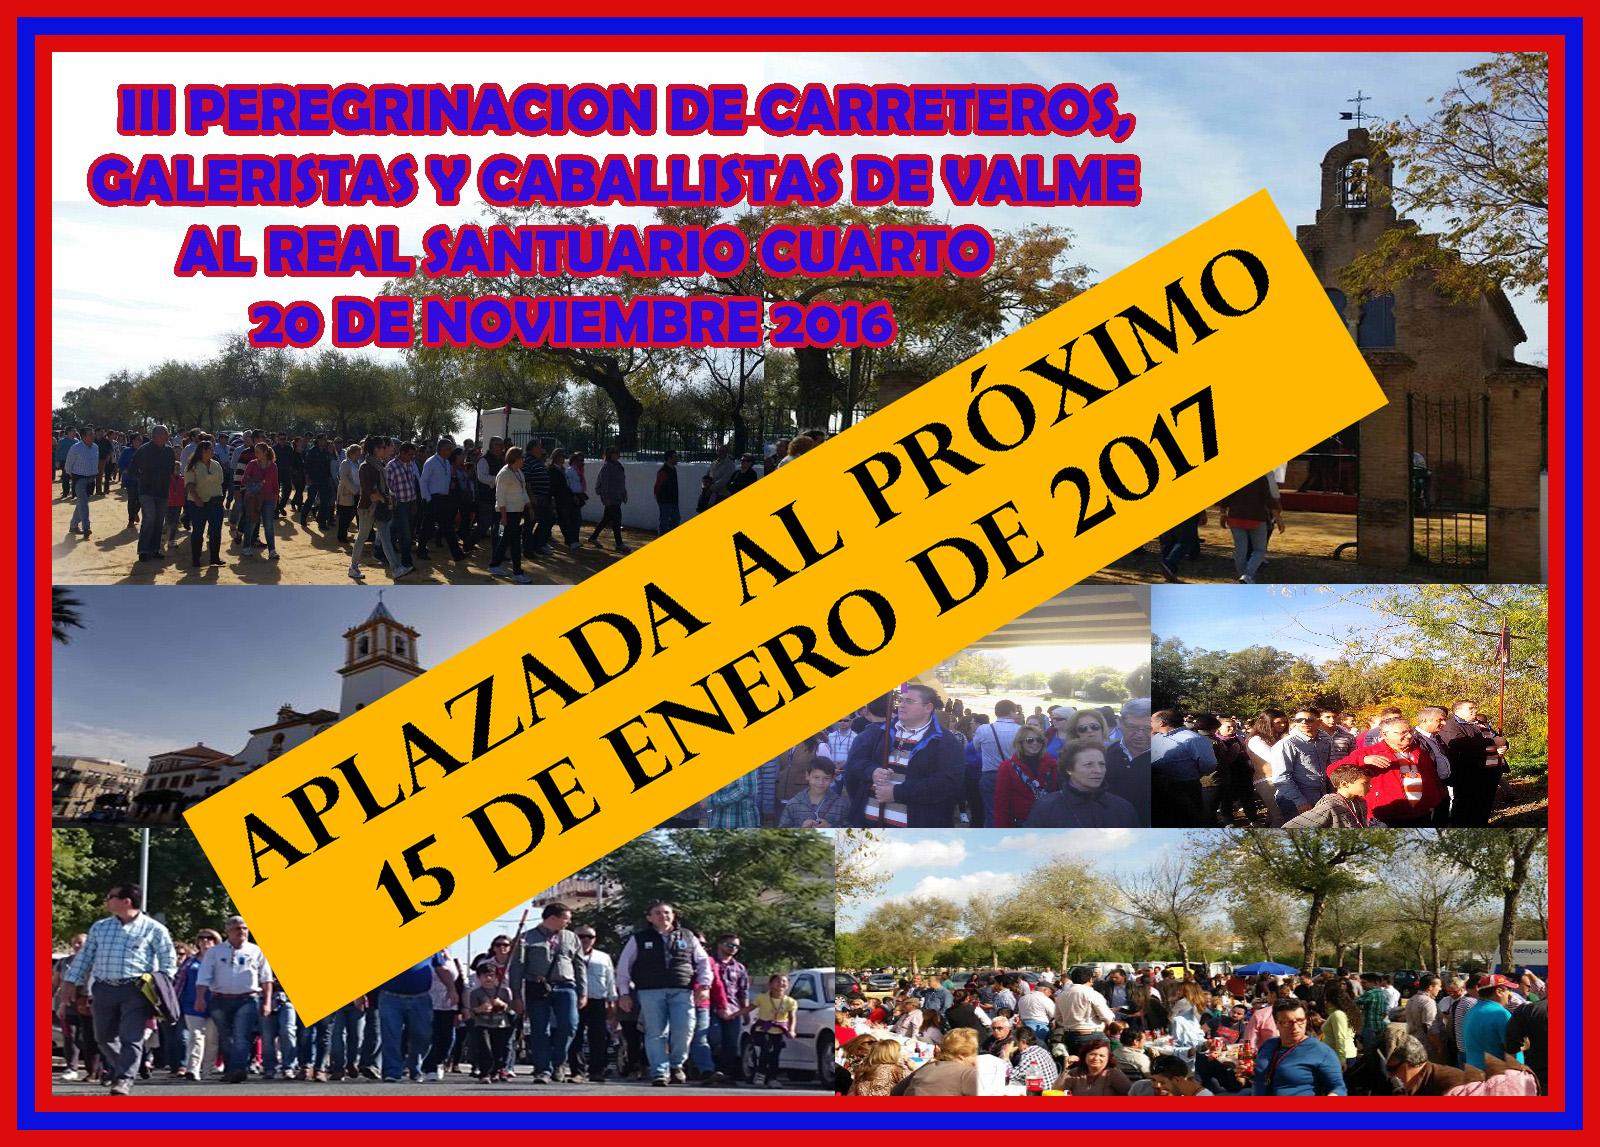 SUSPENDIDA LA III PEREGRINACIÓN DE CARRETEROS, GALERISTAS Y CABALLISTAS DE VALME